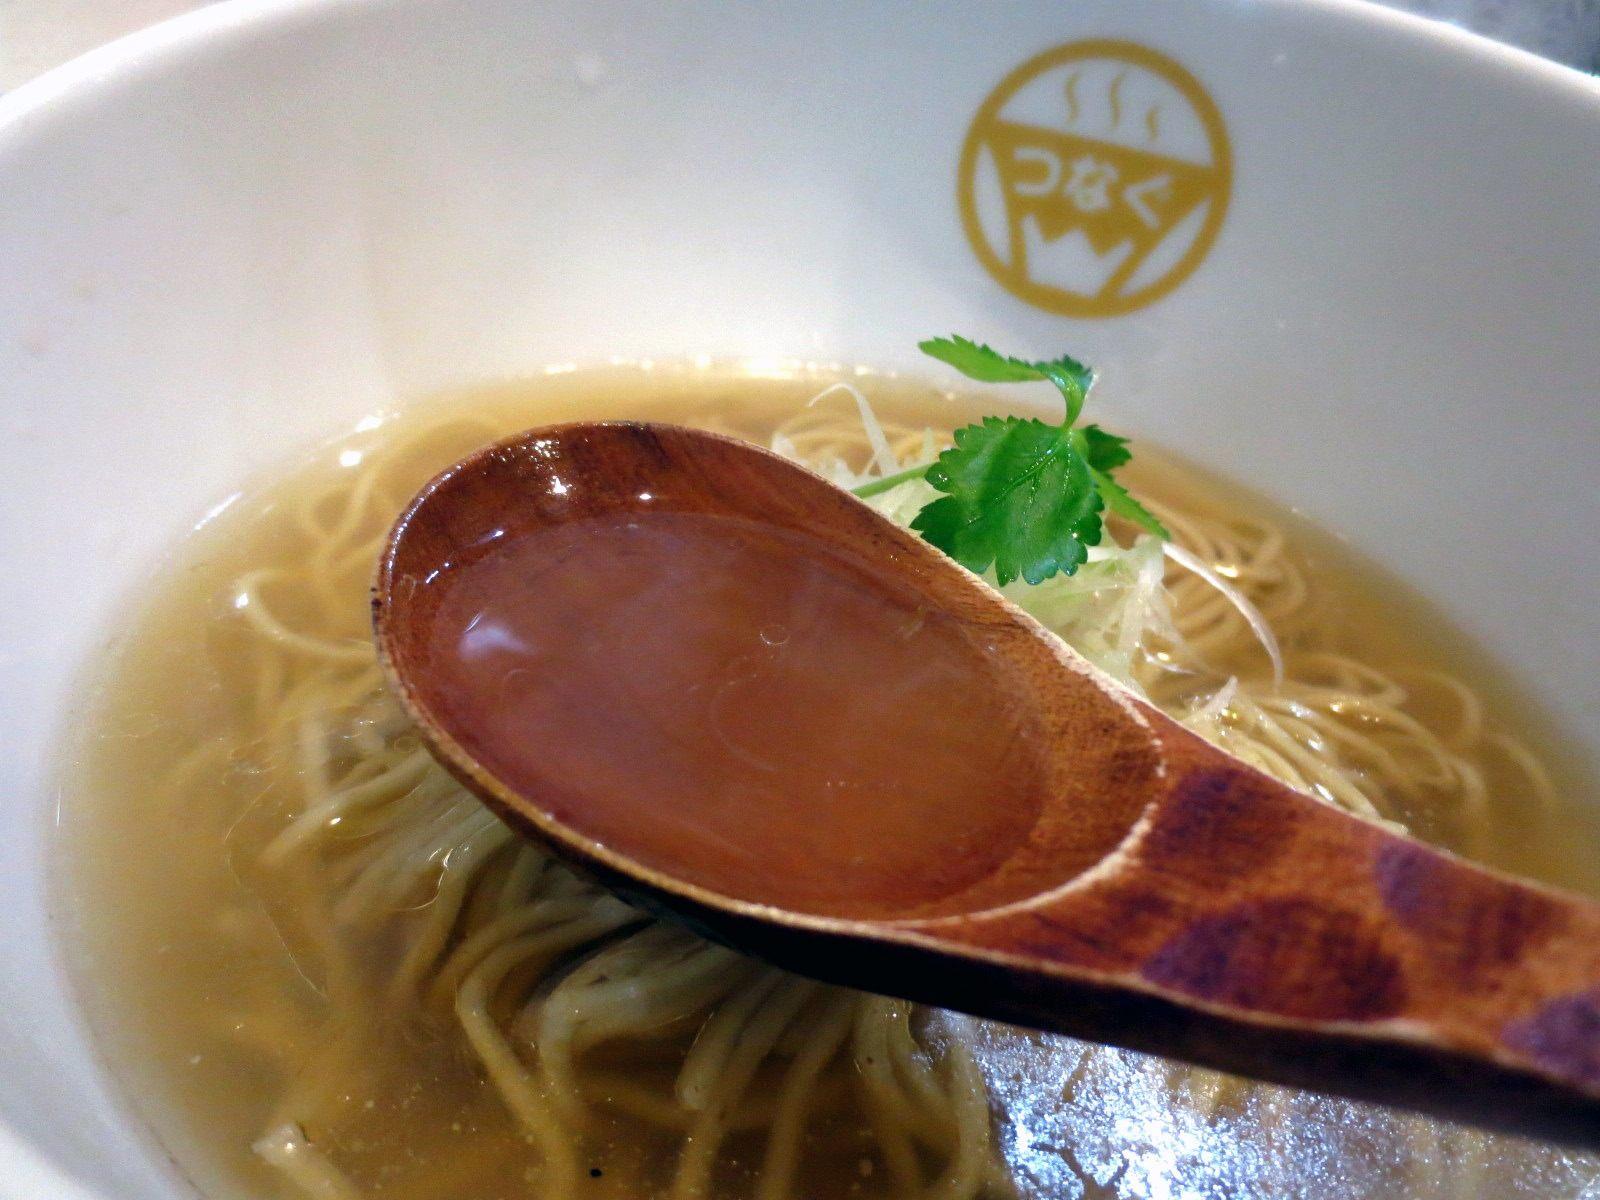 清澈透明的湯頭